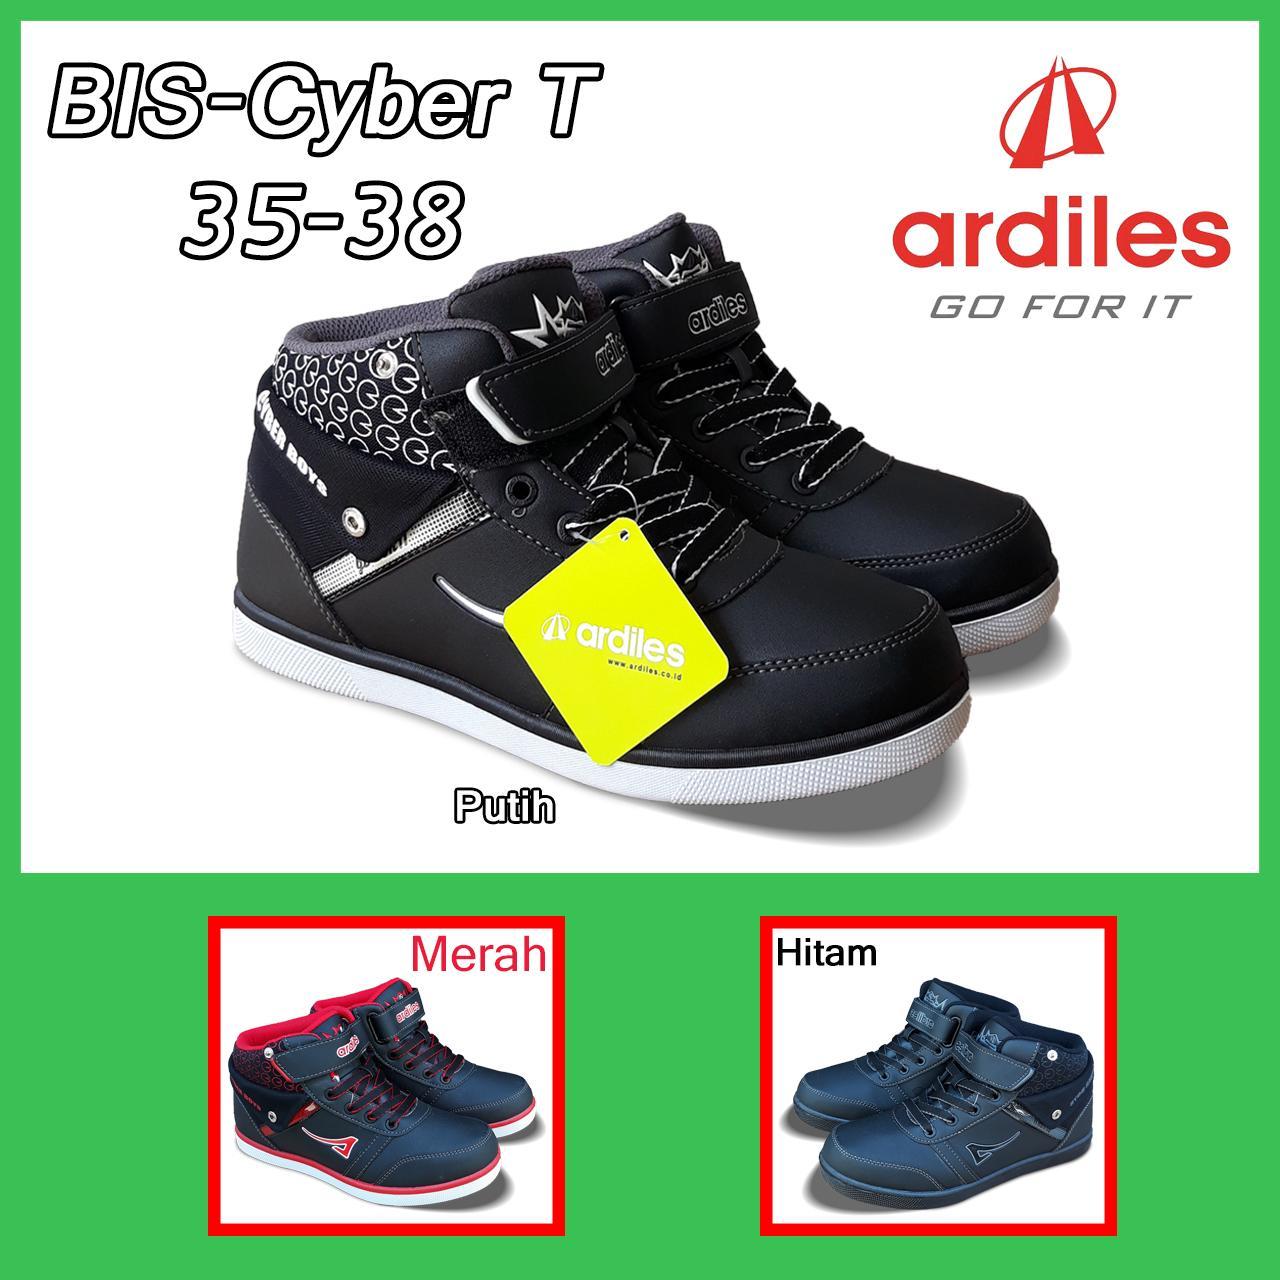 Jual Sepatu Ardiles Anak Laki Adidas Anaksepatu Sekolah Bosmuda Cyber T 35 38